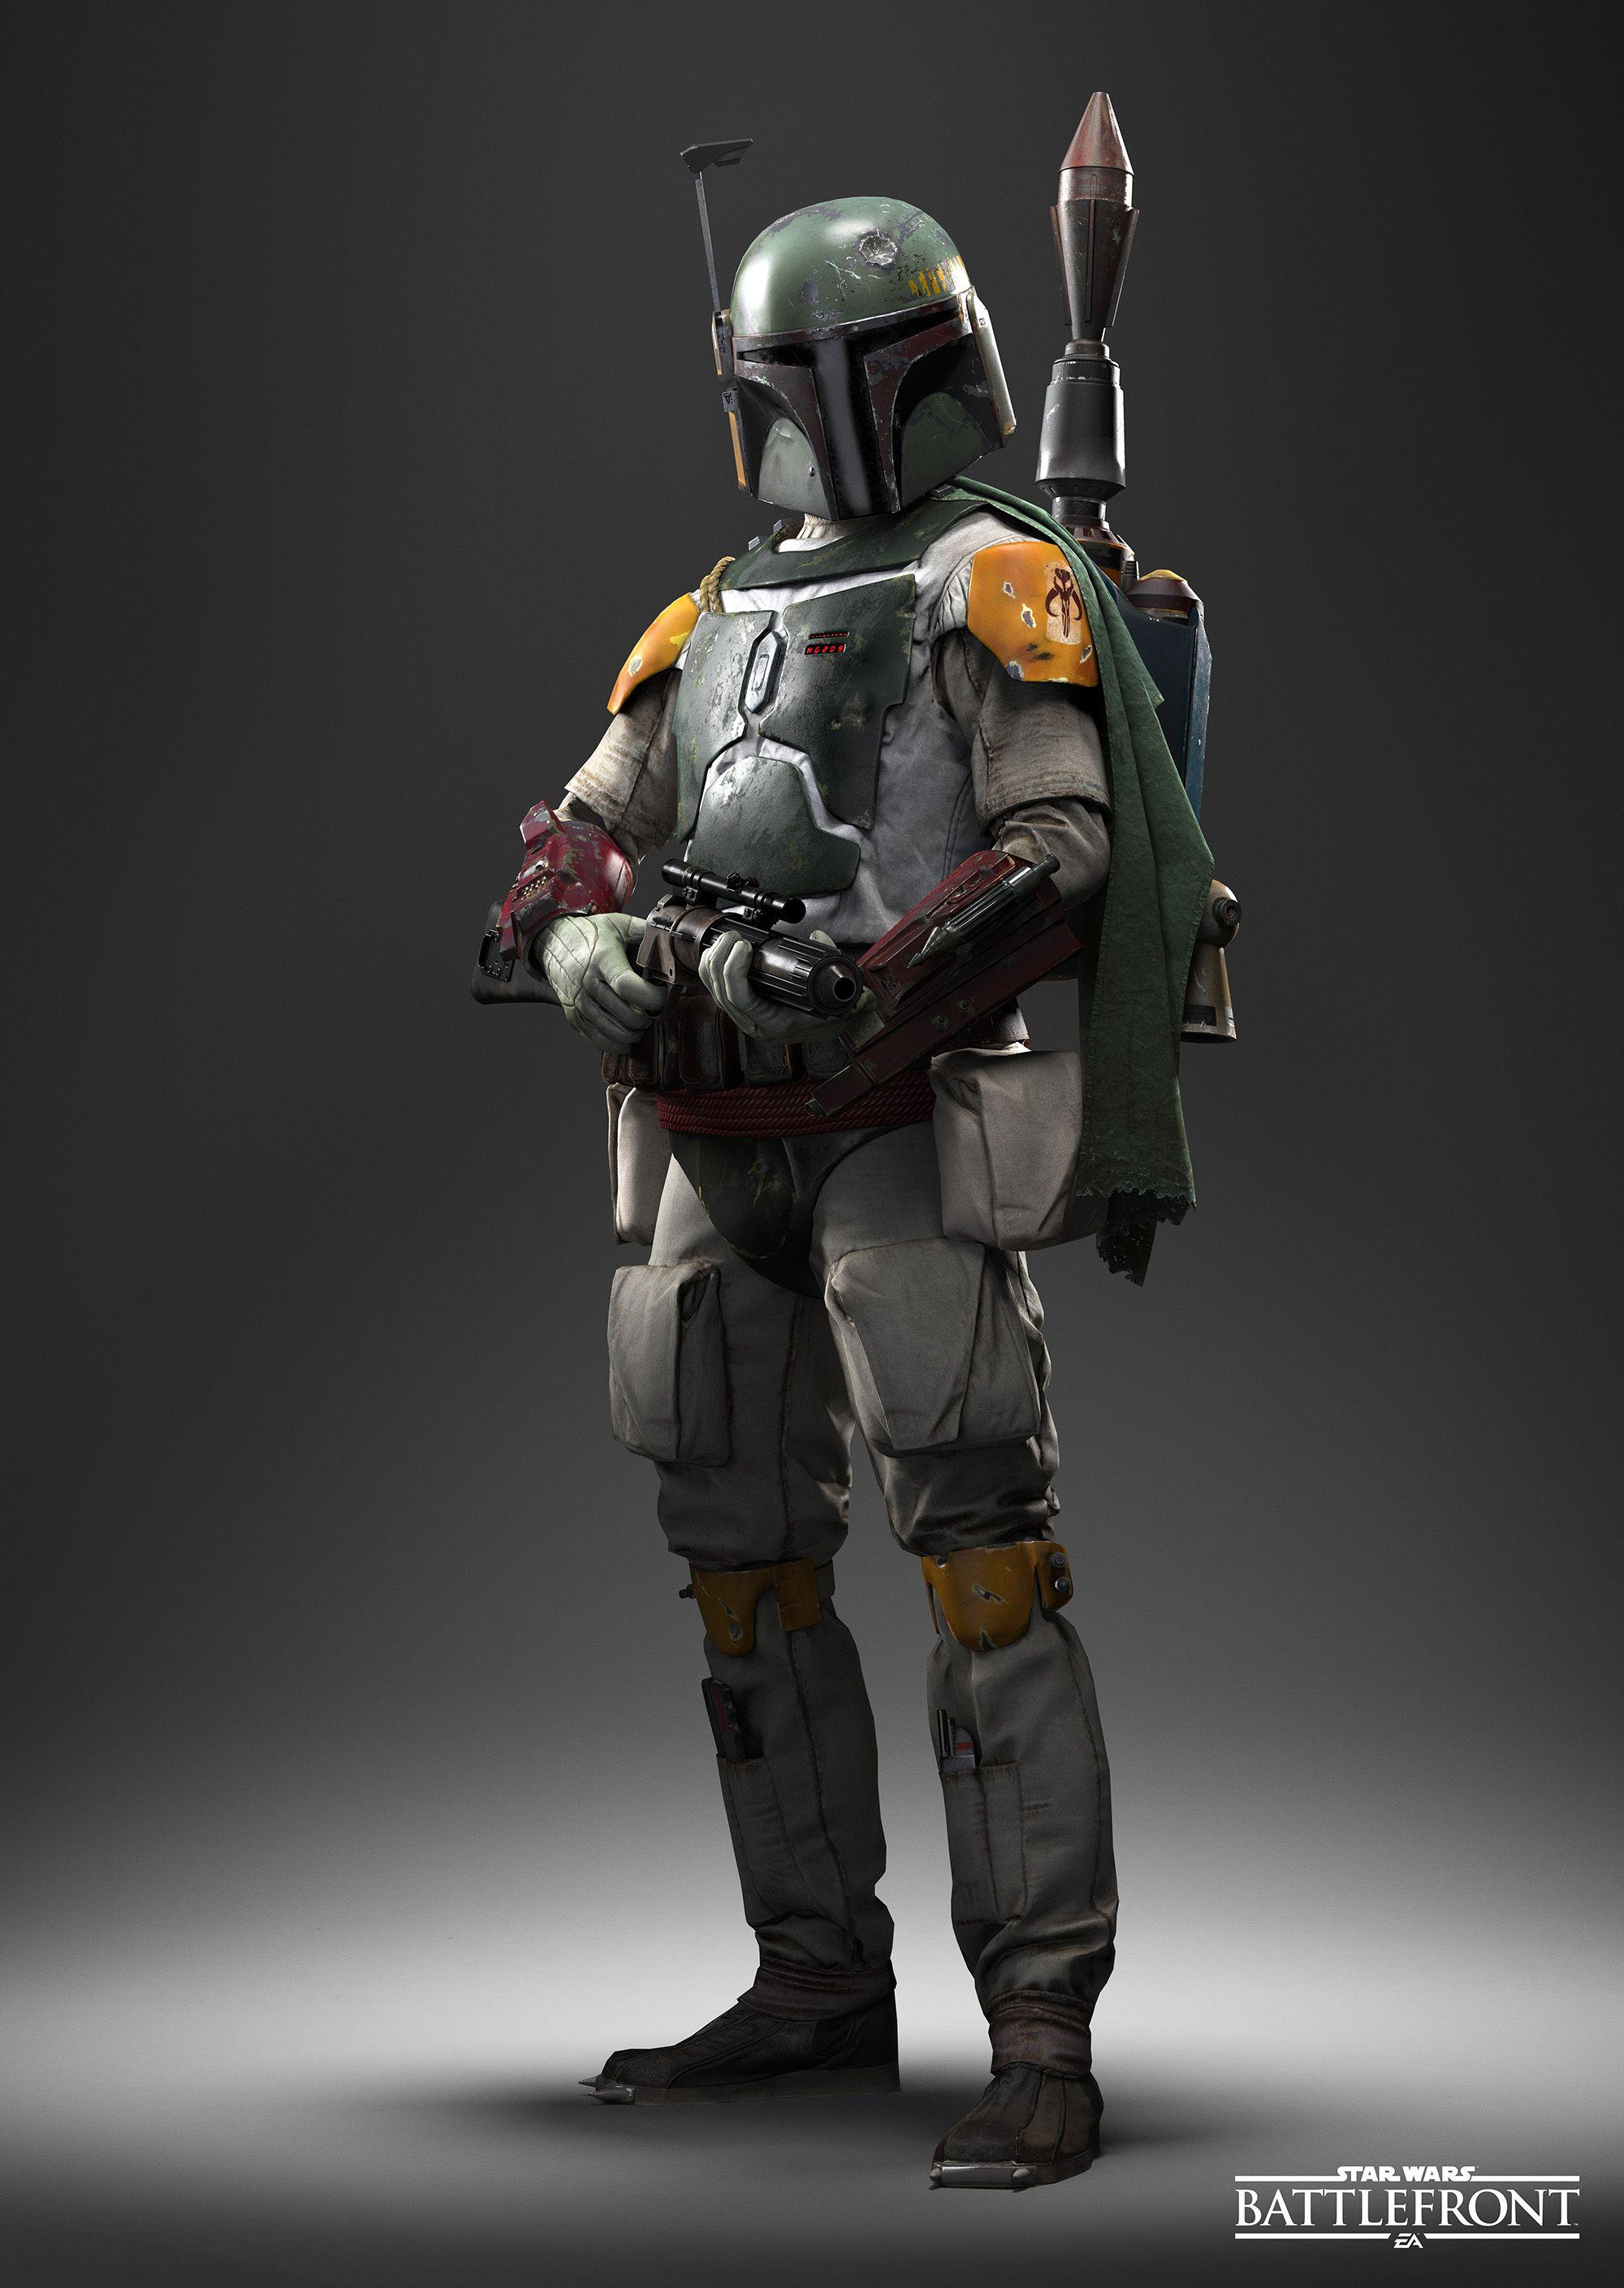 Boba Fett Star Wars Boba Fett Art Star Wars Battlefront Star Wars Boba Fett